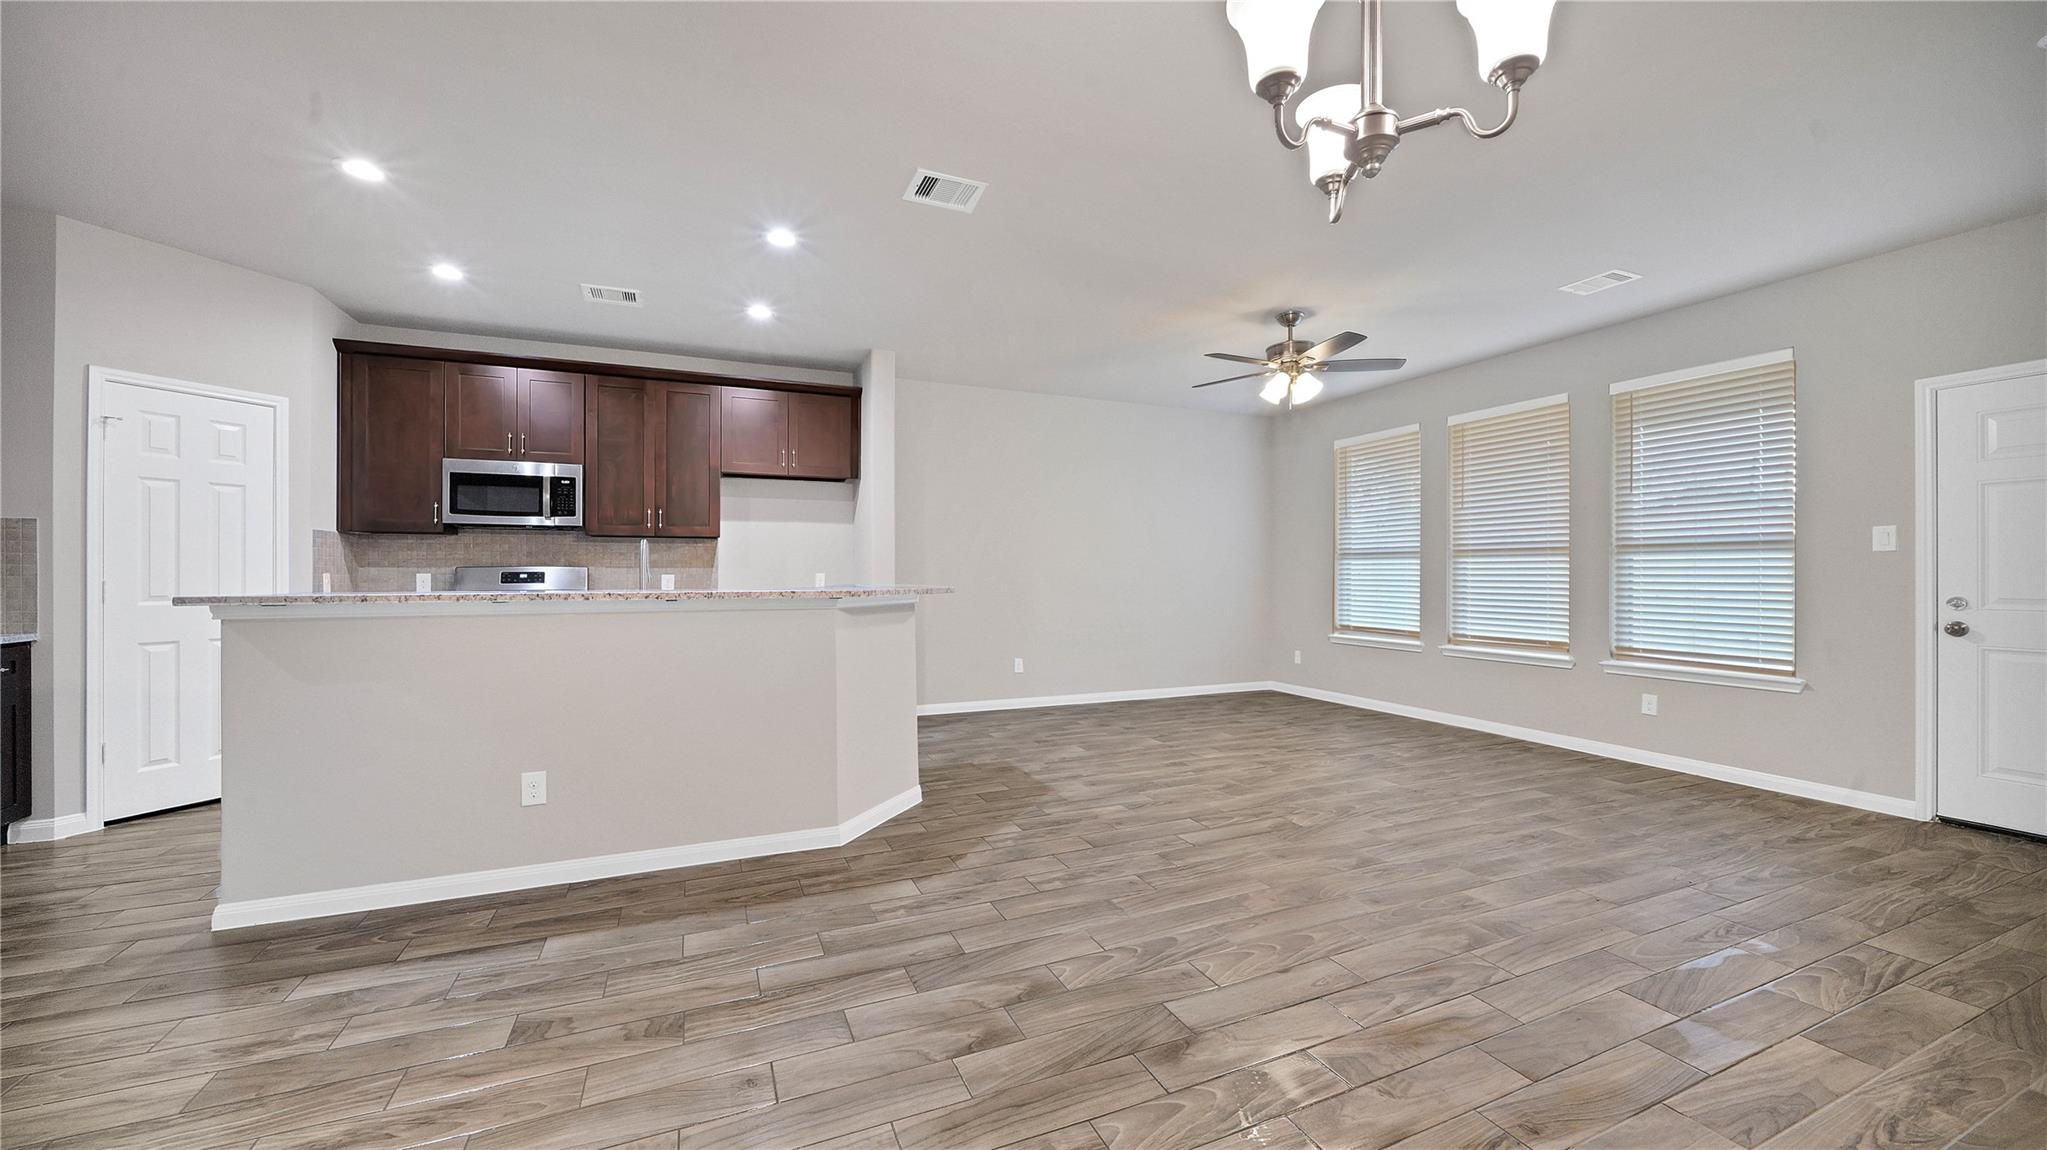 7806 King Street Property Photo - Houston, TX real estate listing